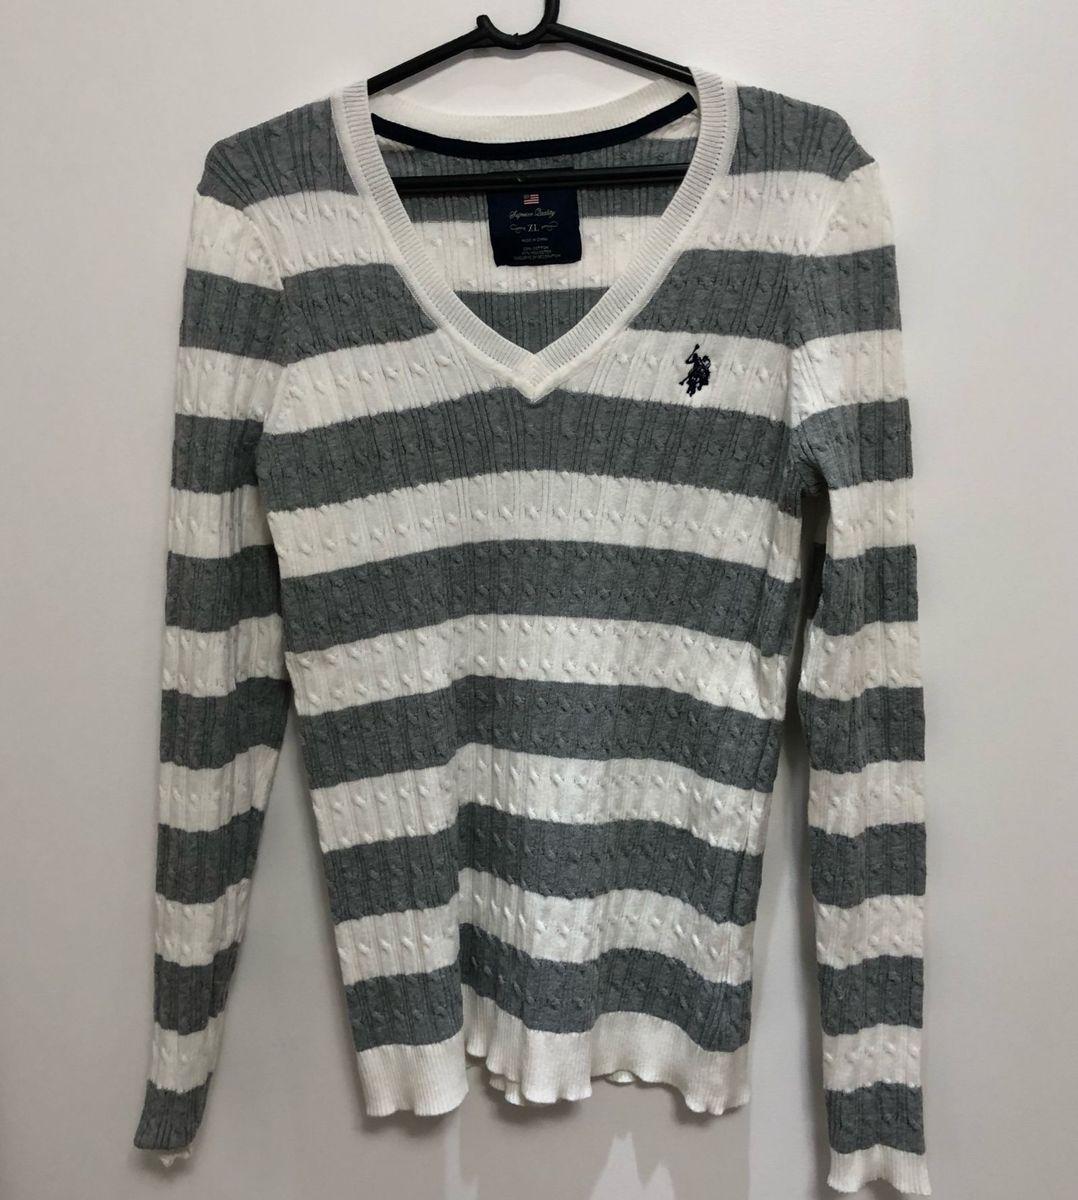 suéter polo - casaquinhos polo-ralph-lauren.  Czm6ly9wag90b3muzw5qb2vplmnvbs5ici9wcm9kdwn0cy82nzaznde4lzywotnhzmuznda4zdbimjzlmzywndu5yza3zmrjzmrilmpwzw  ... 1a907ffc73f